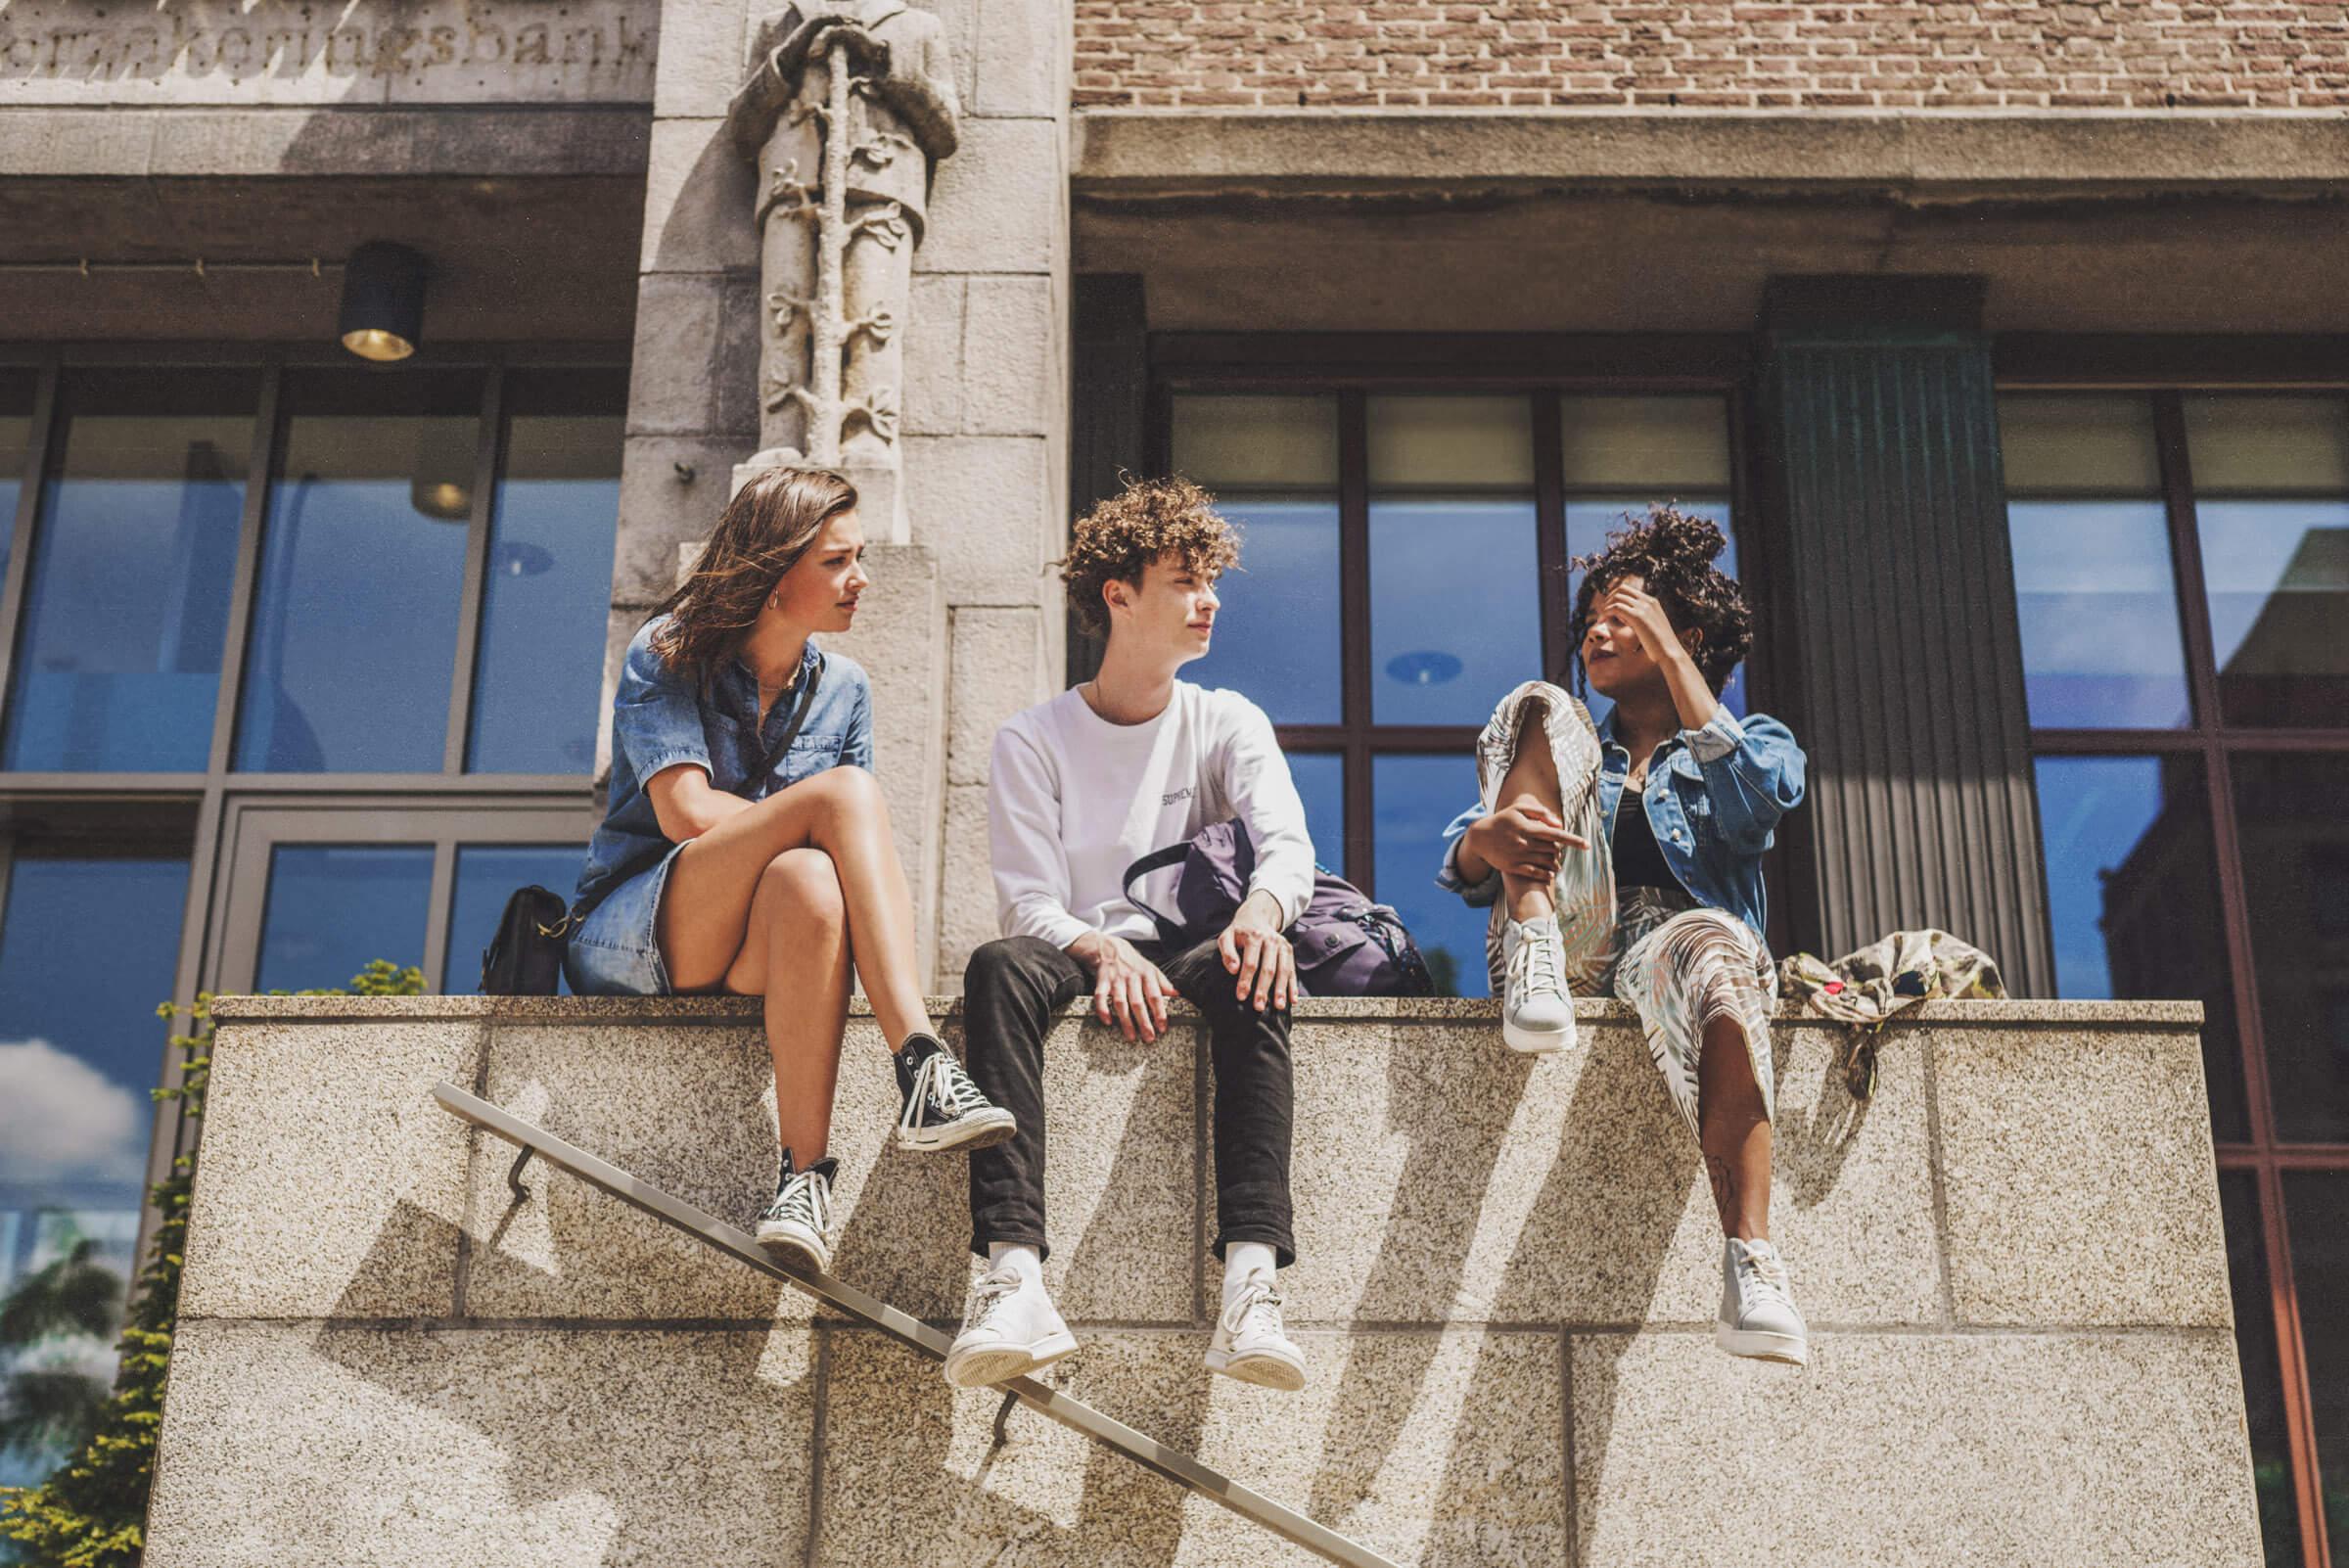 tres amigos hablando subidos en un muro